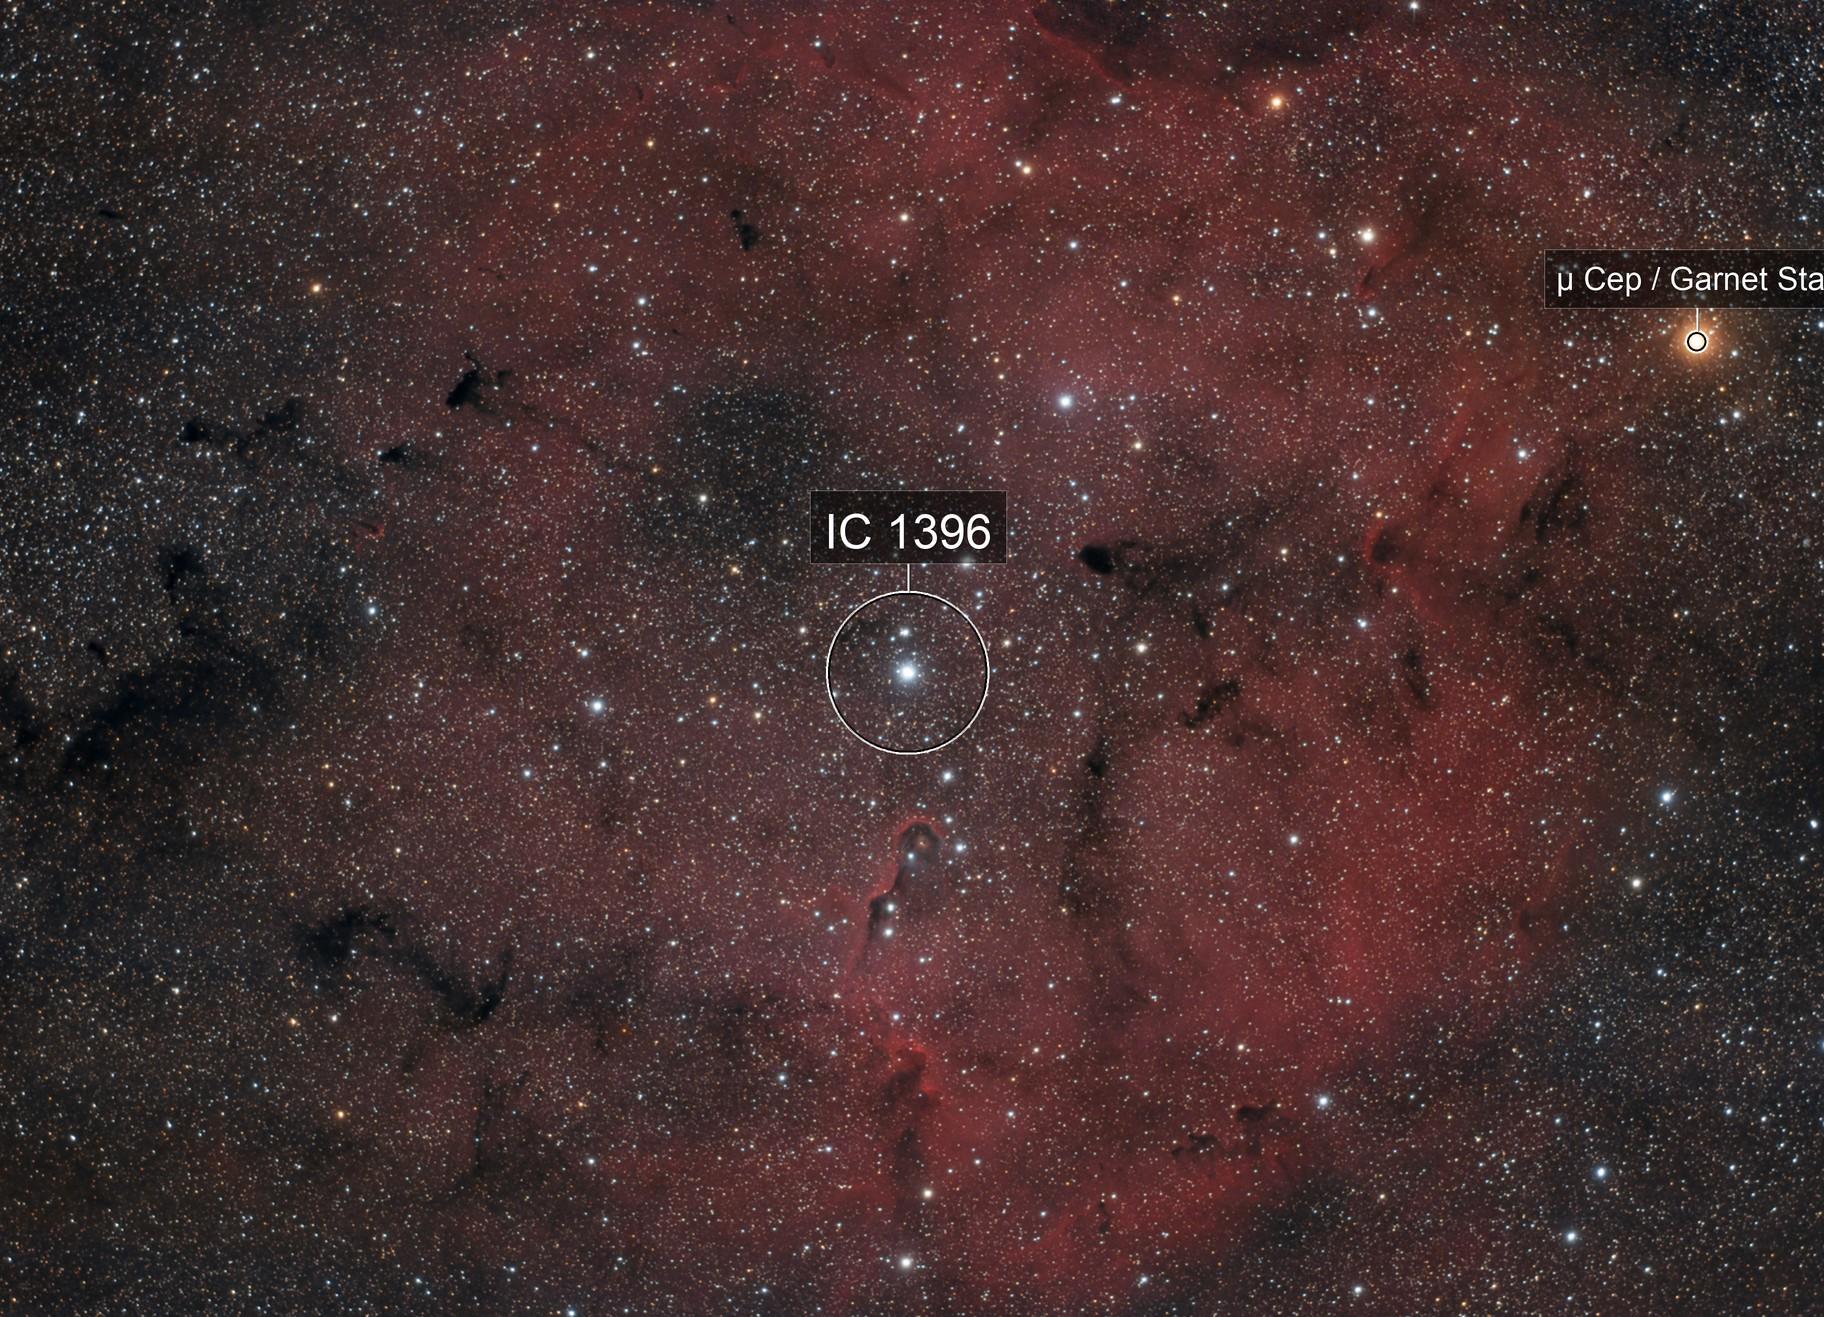 IC1396: The Elephant's Trunk Nebula